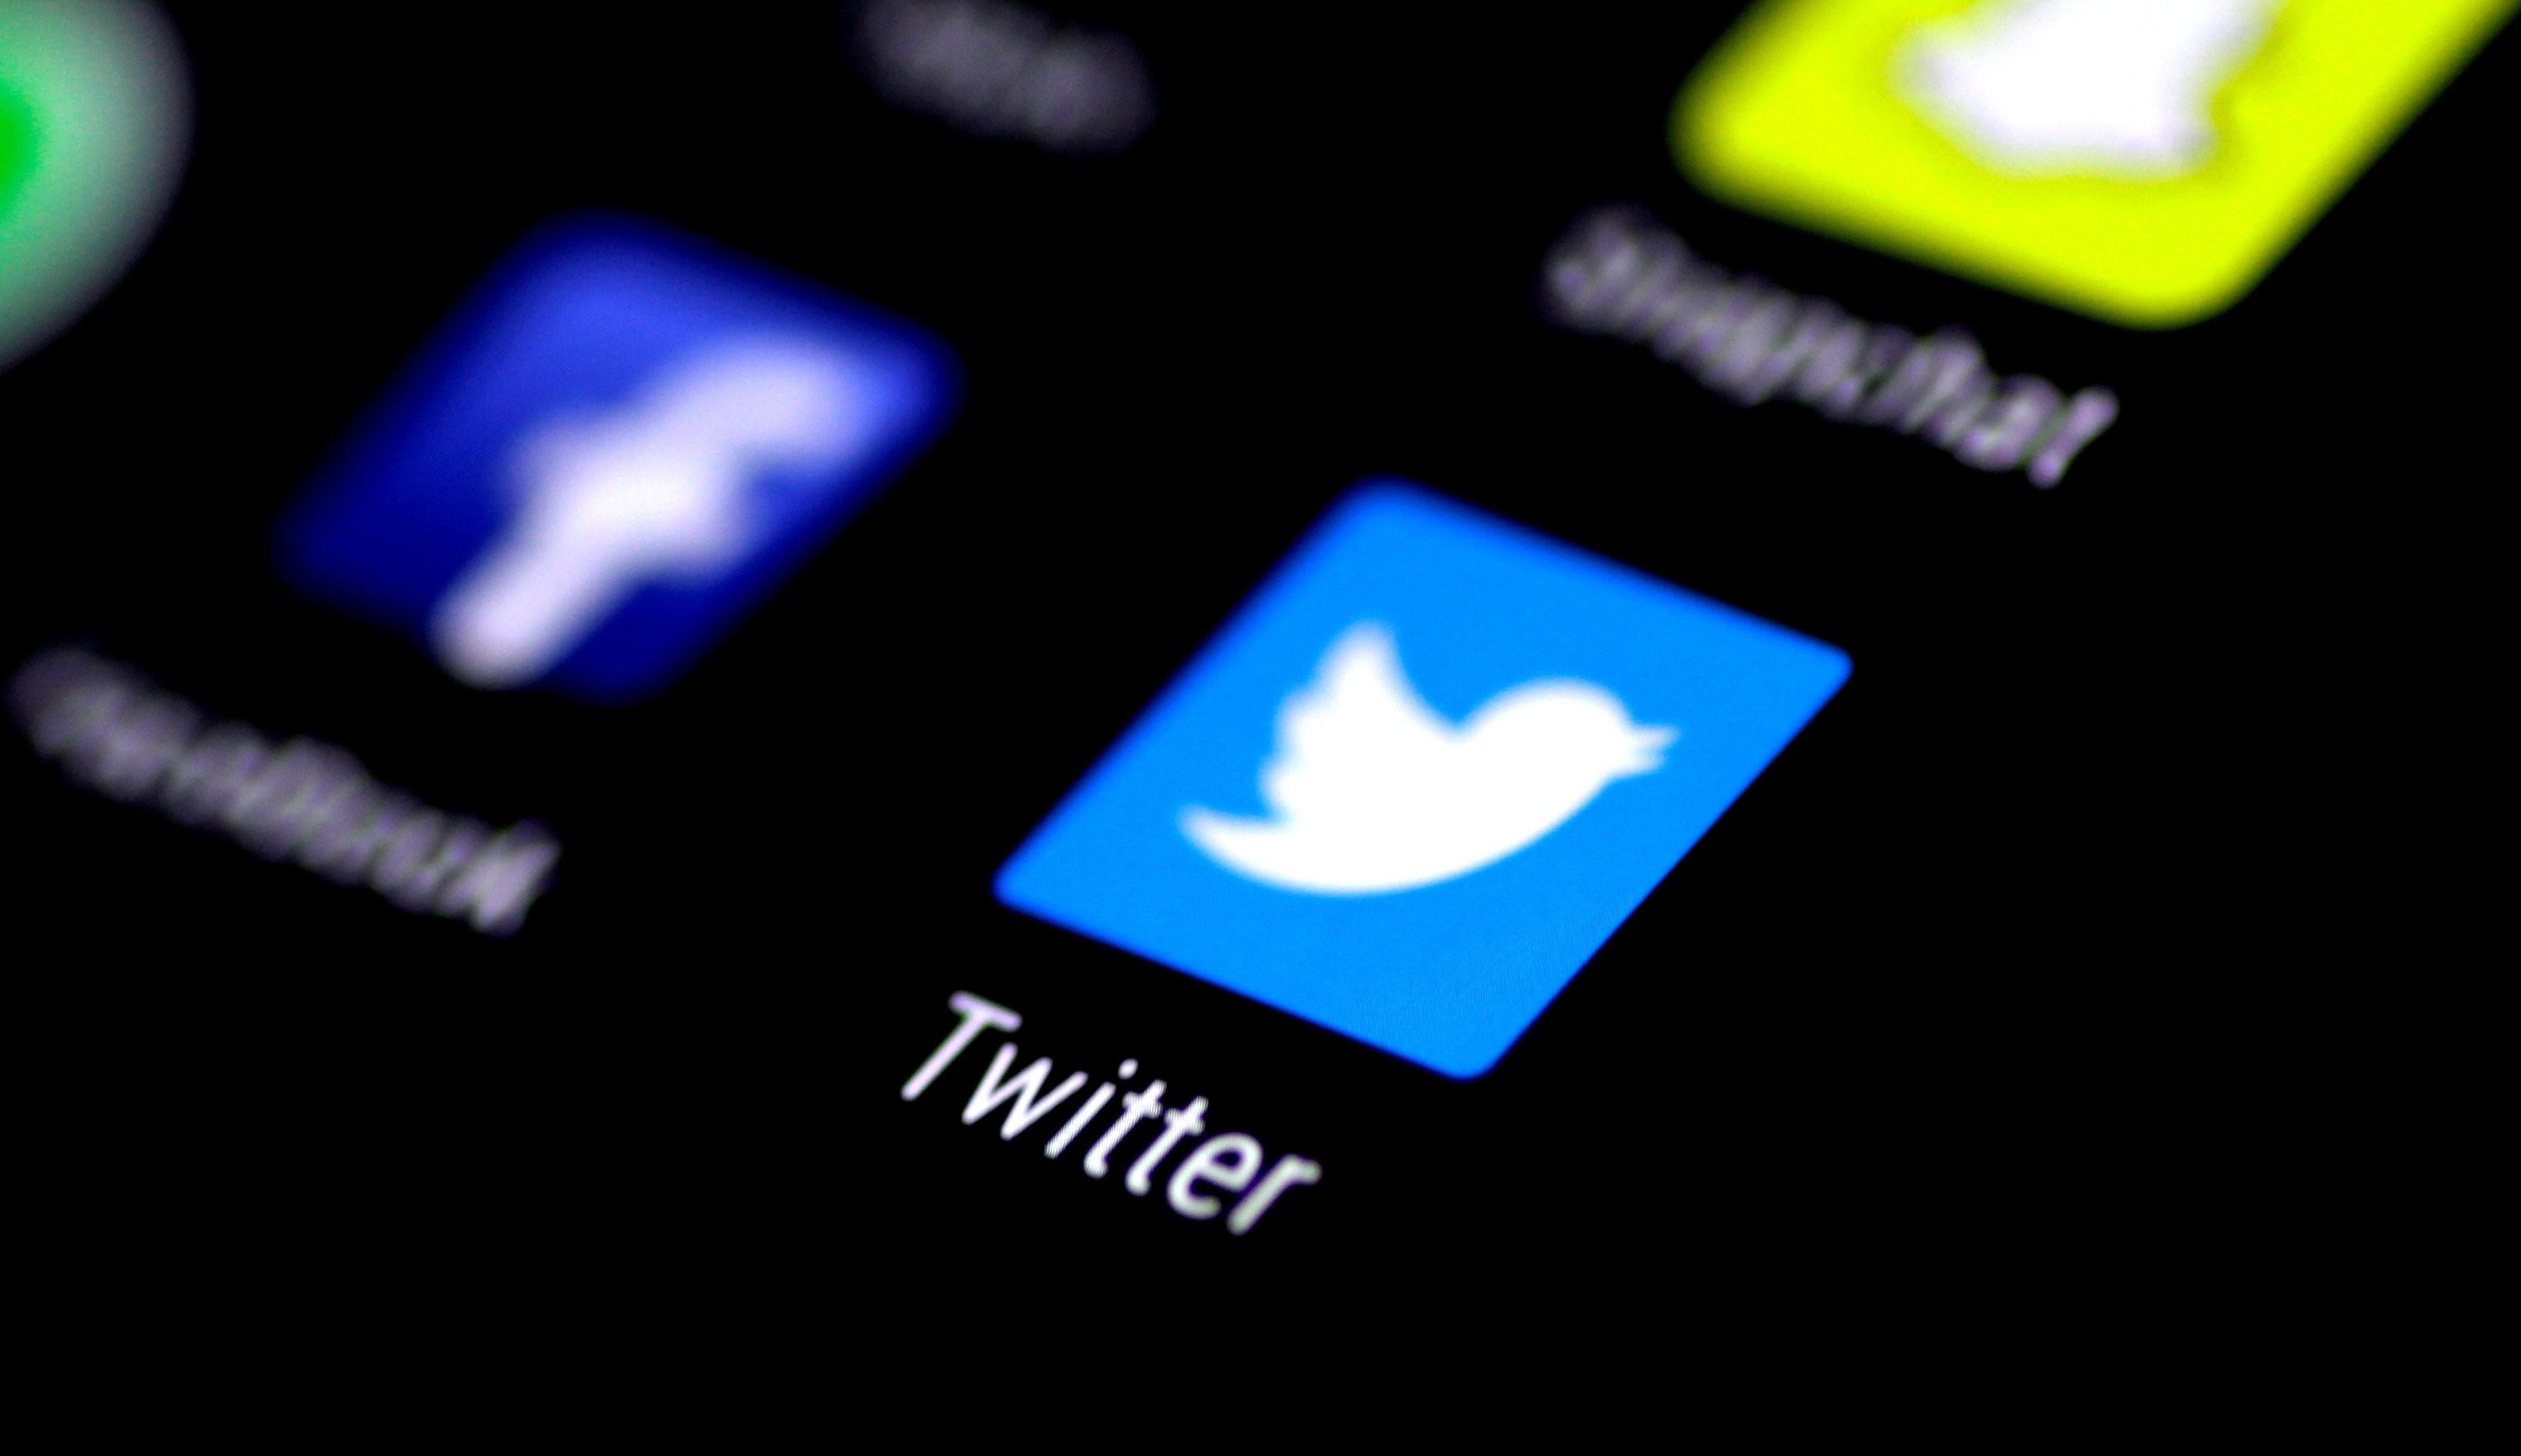 O que acontece quando um post no Twitter é marcado como enganoso